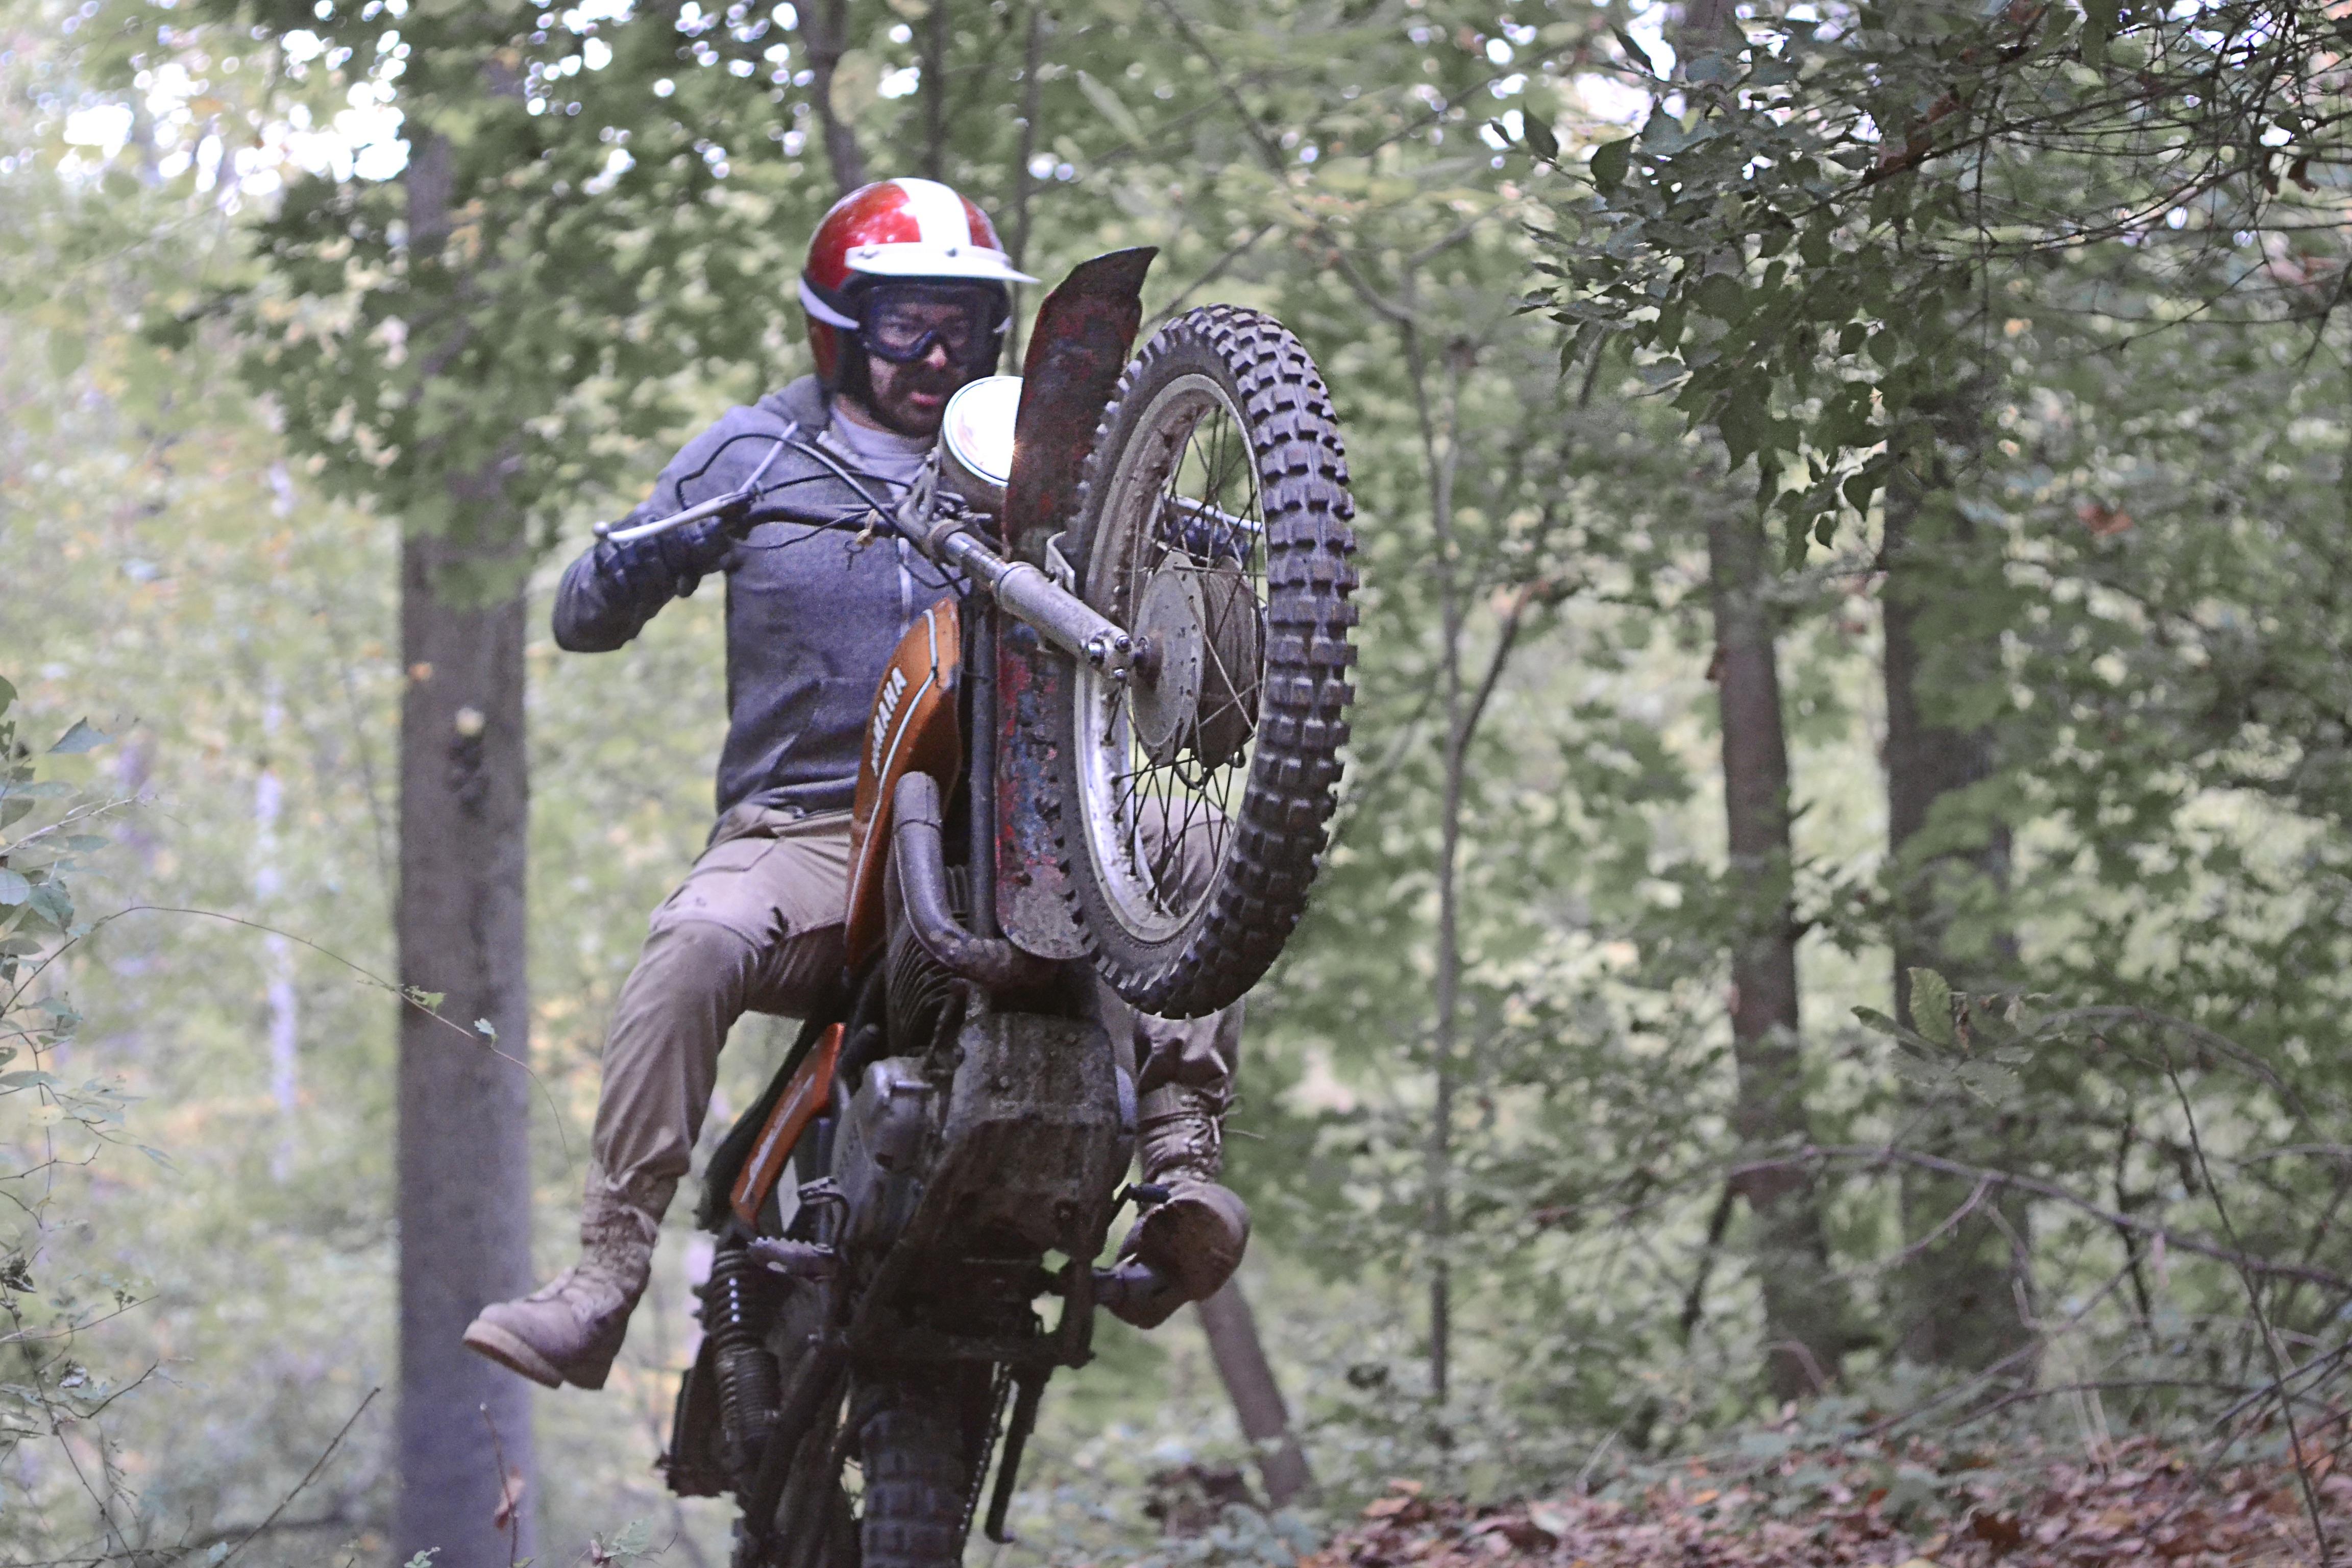 Dirtbike_DevynHaas_01